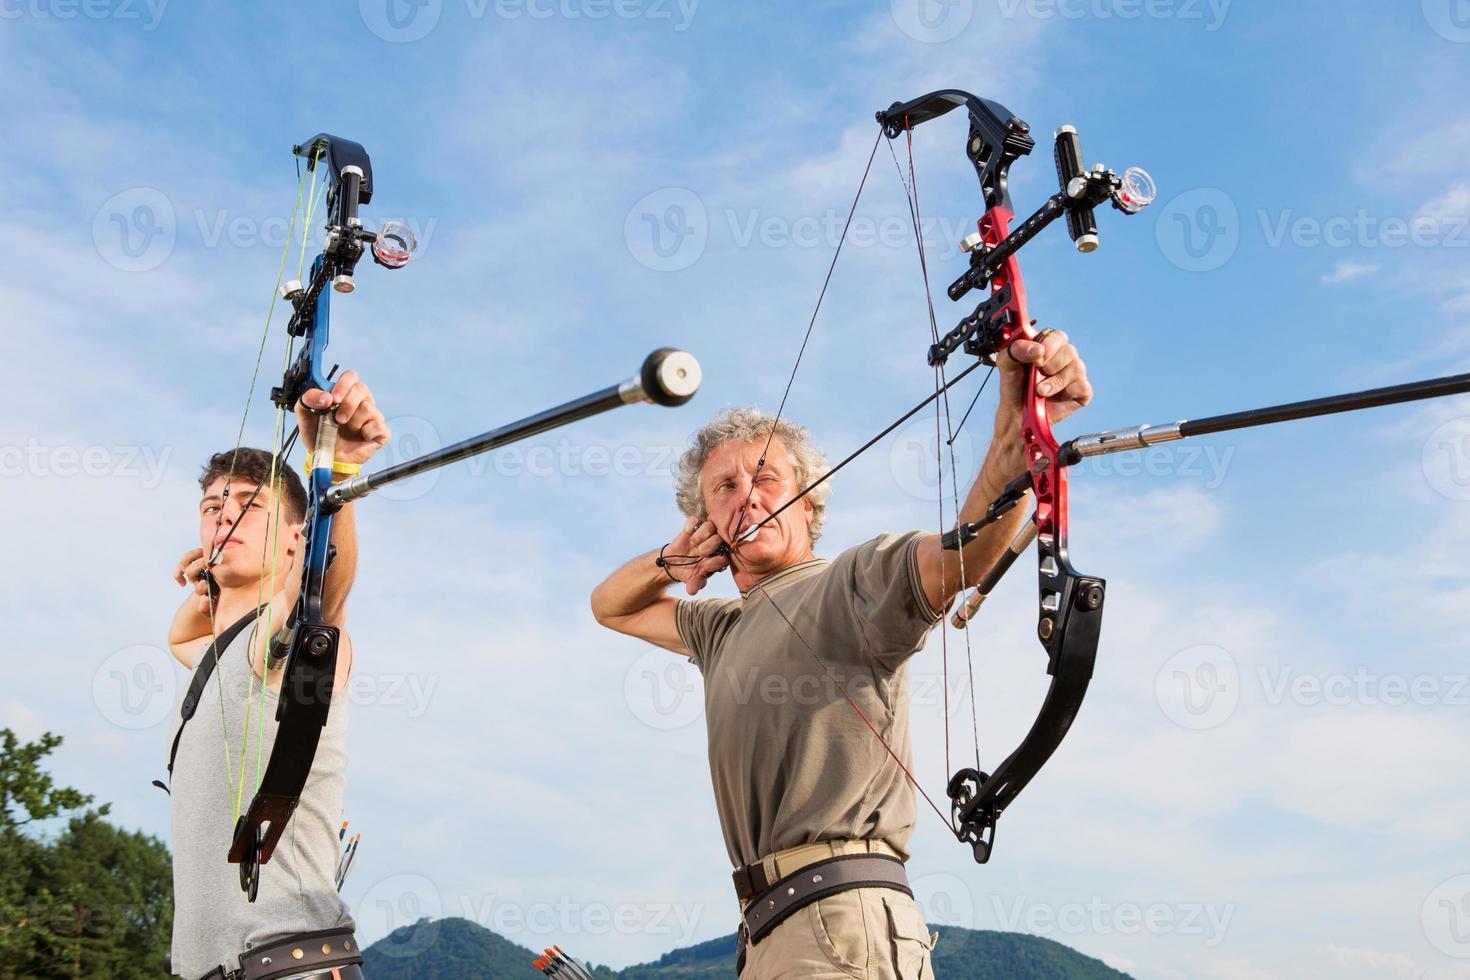 archers ... père et fils pratiquant le tir à la cible photo